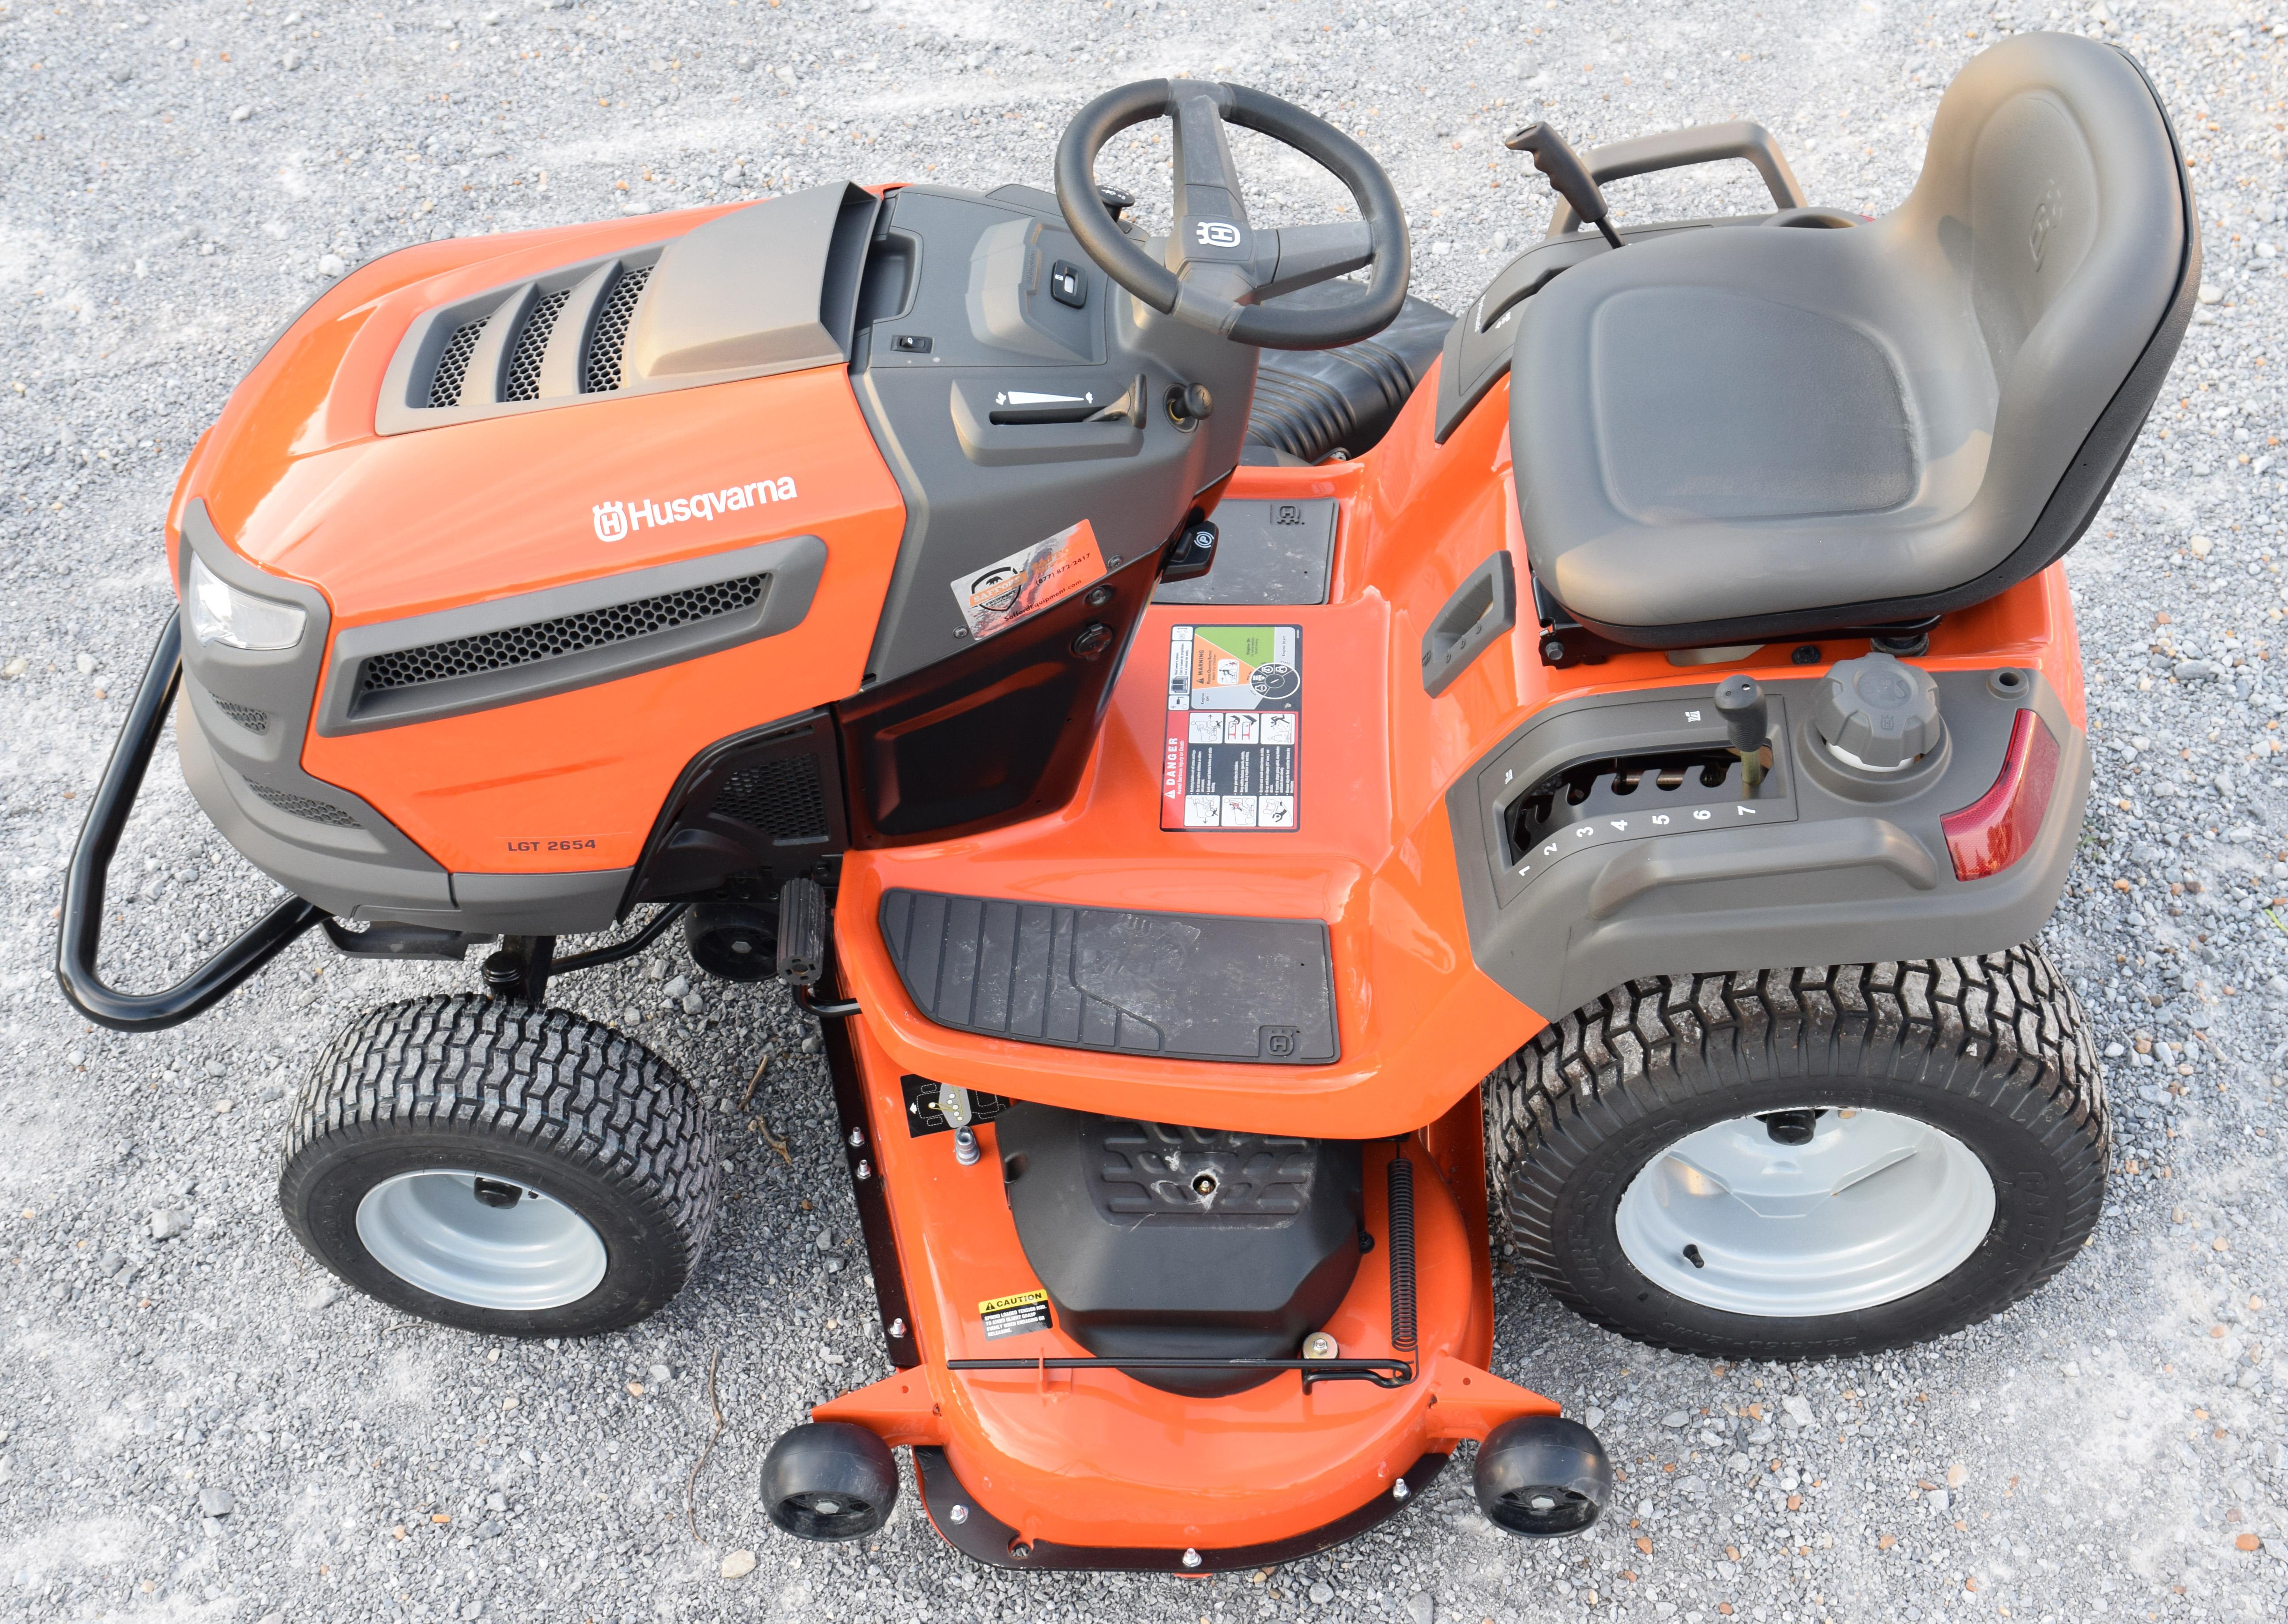 husqvarna lgt2654 lawn tractor safford equipment company rh saffordequipment com husqvarna lgt2654 owners manual Husqvarna Model LGT2654 Parts List